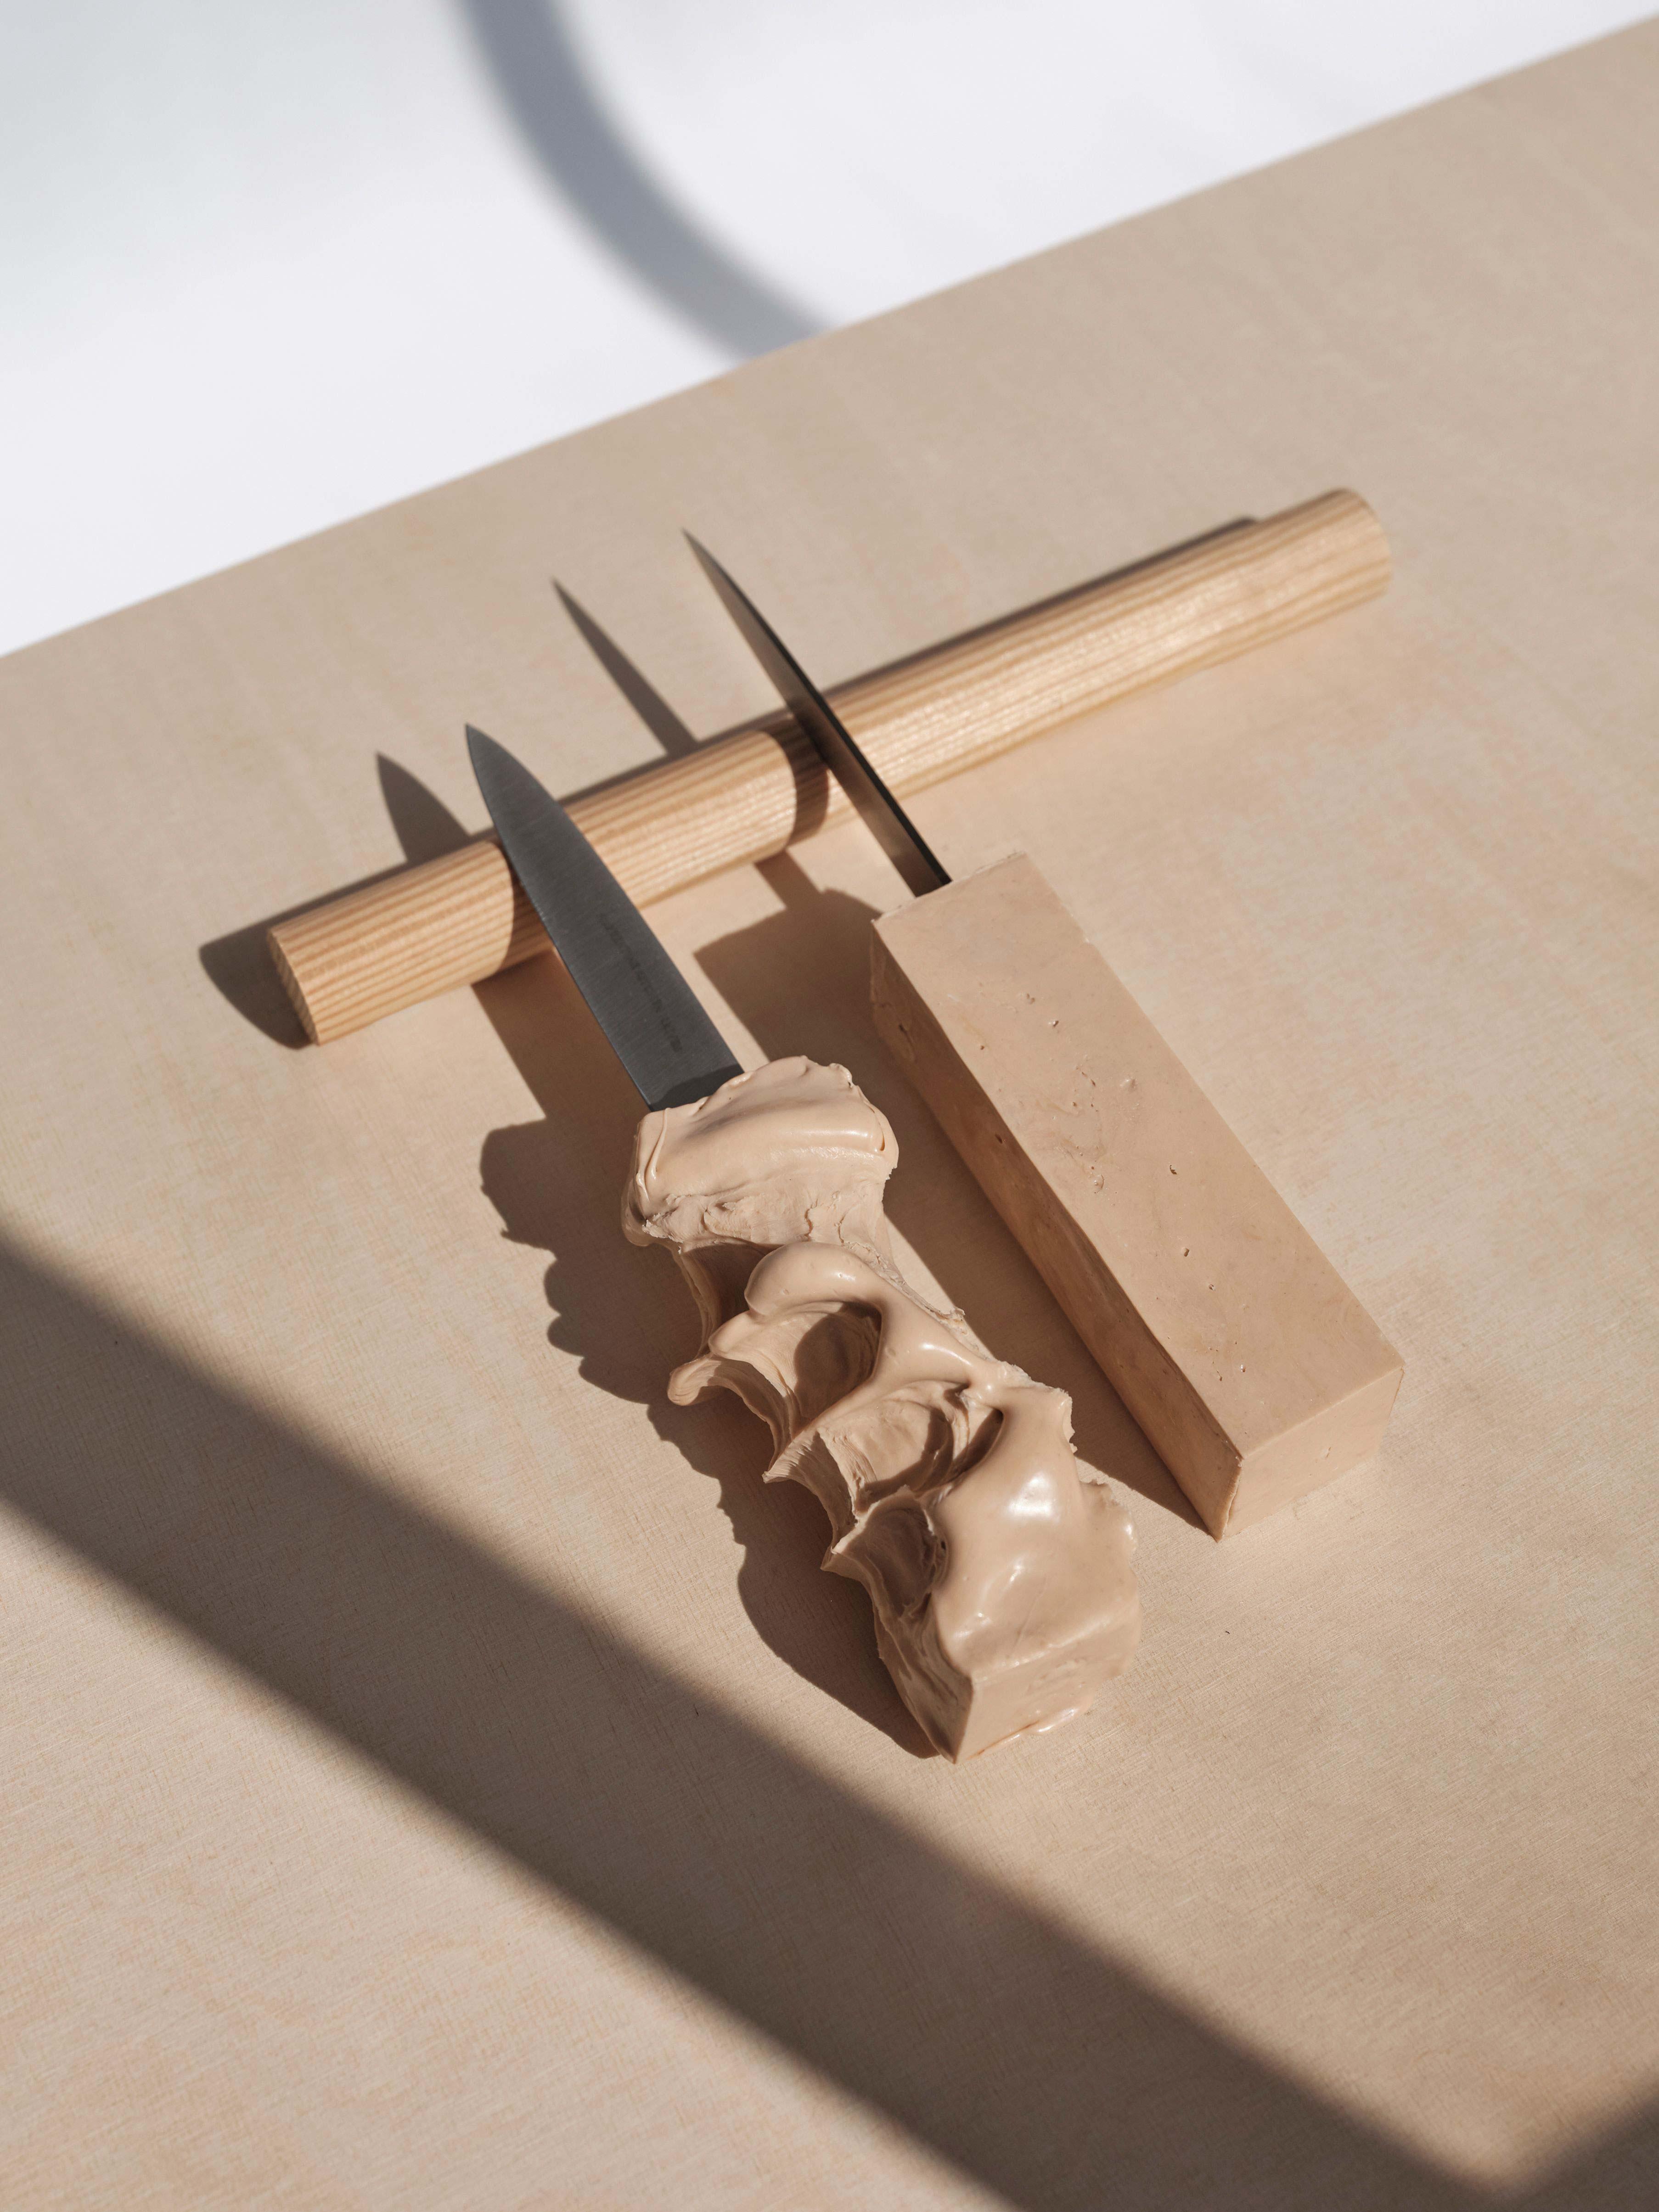 Thefleshknife jordicanudas 07